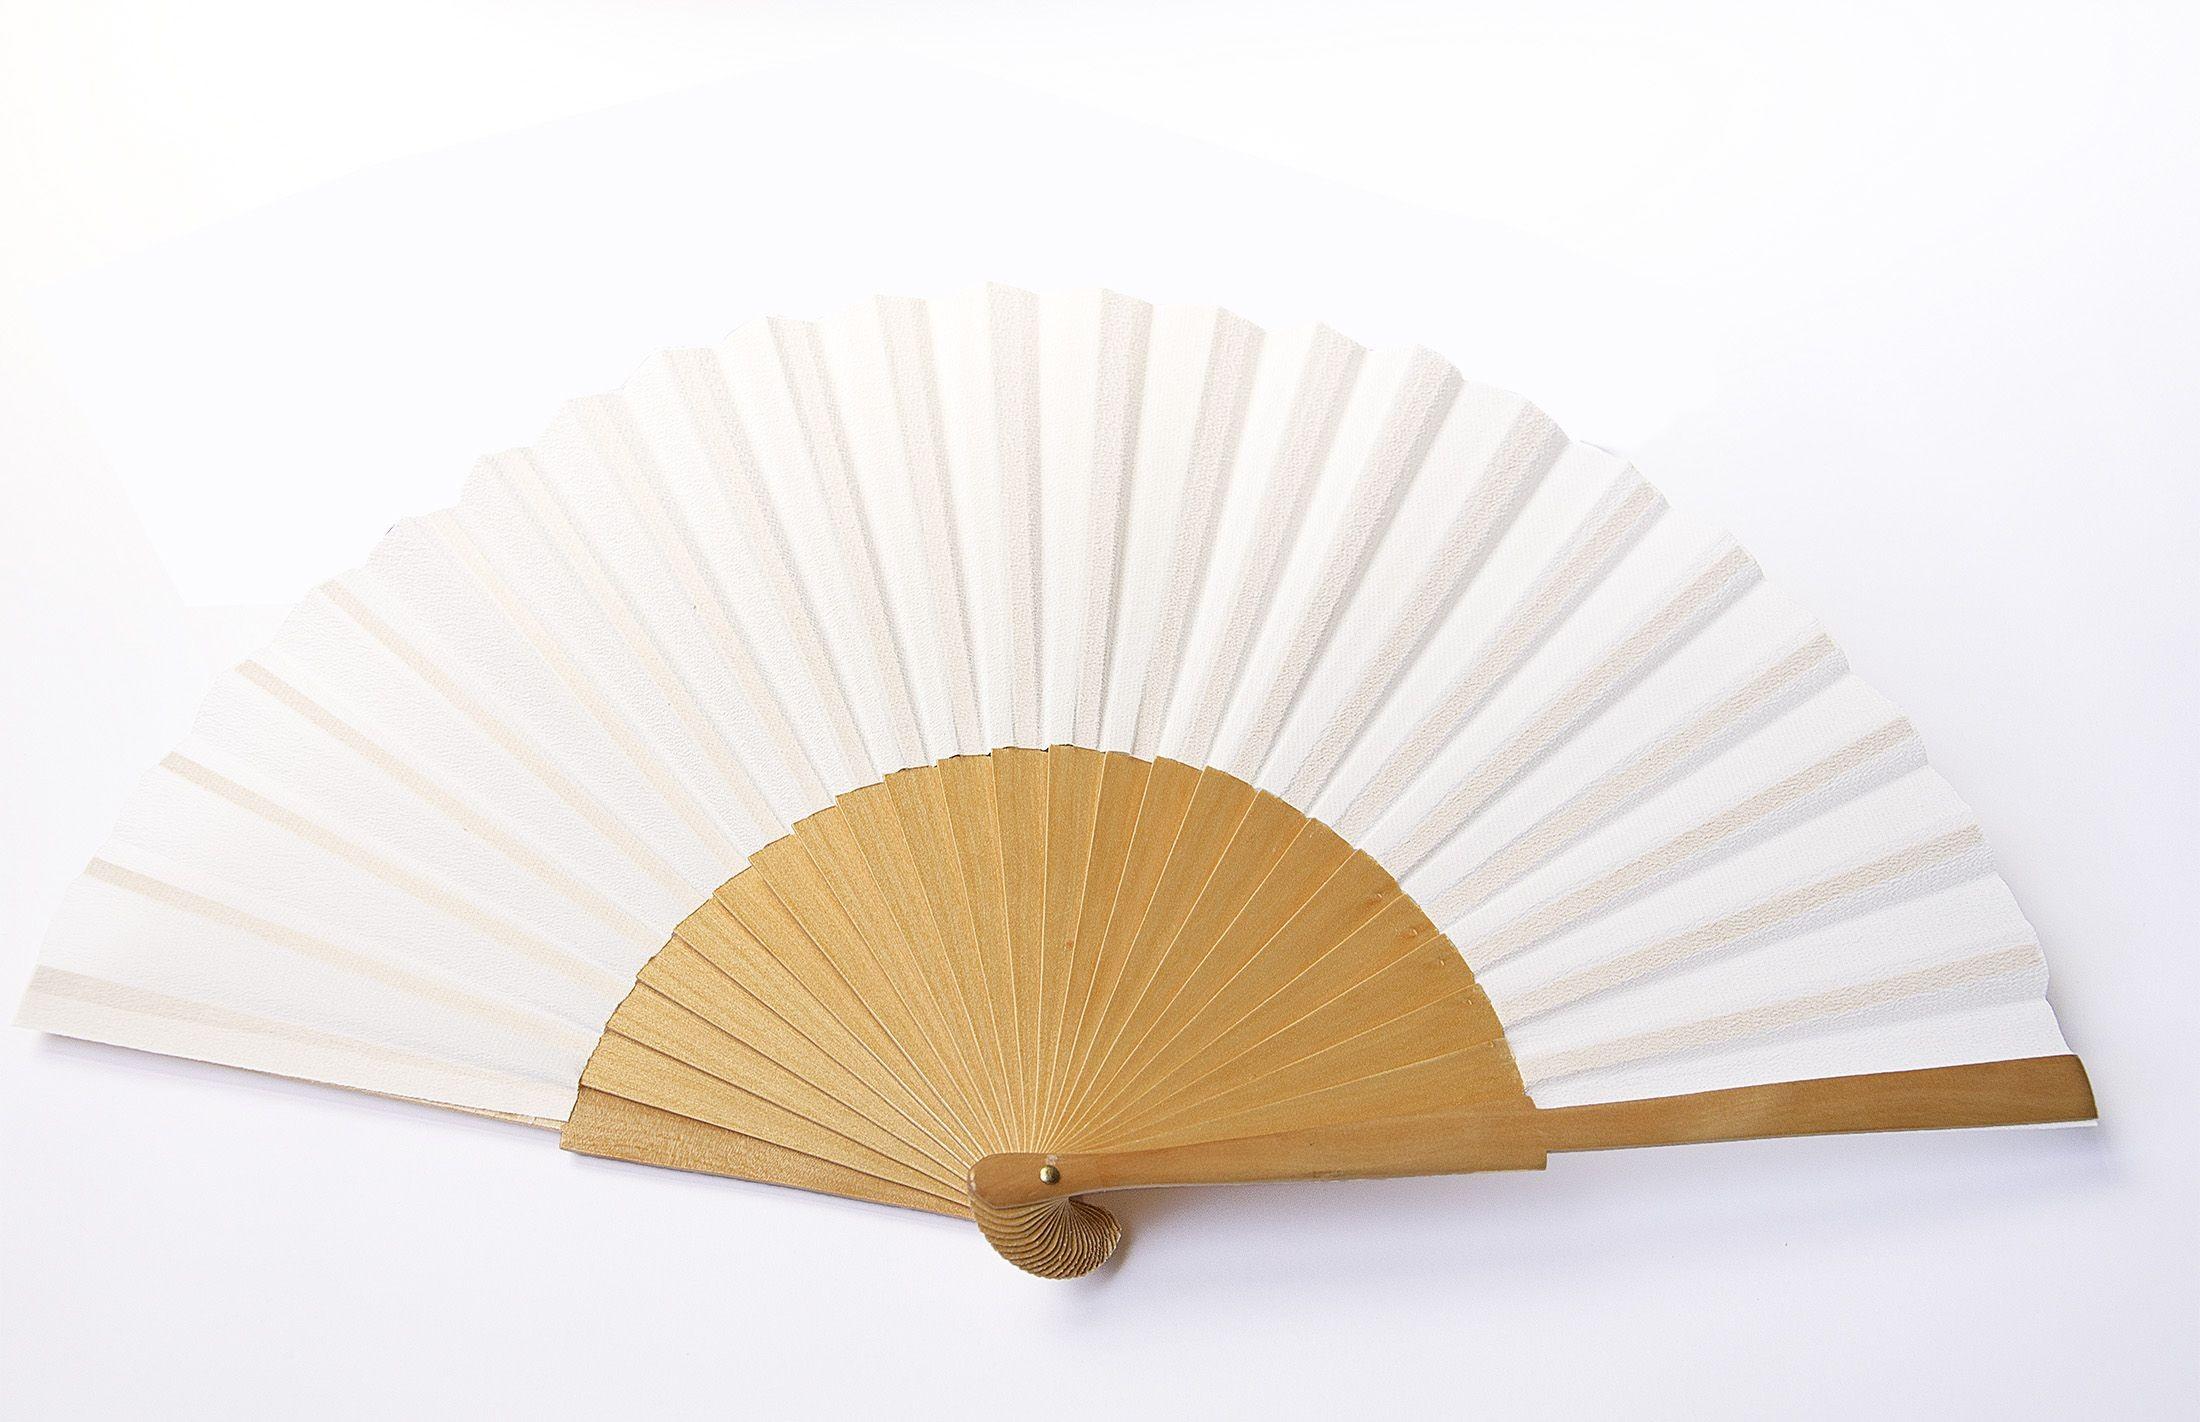 Ventaglio con pagina in crepe di China, bianco naturale, pronto per la pittura, dotato di montatura in legno di sicomoro colore naturale di 22 cm (altezza) per 42 cm (lunghezza). Assemblato in Spagna